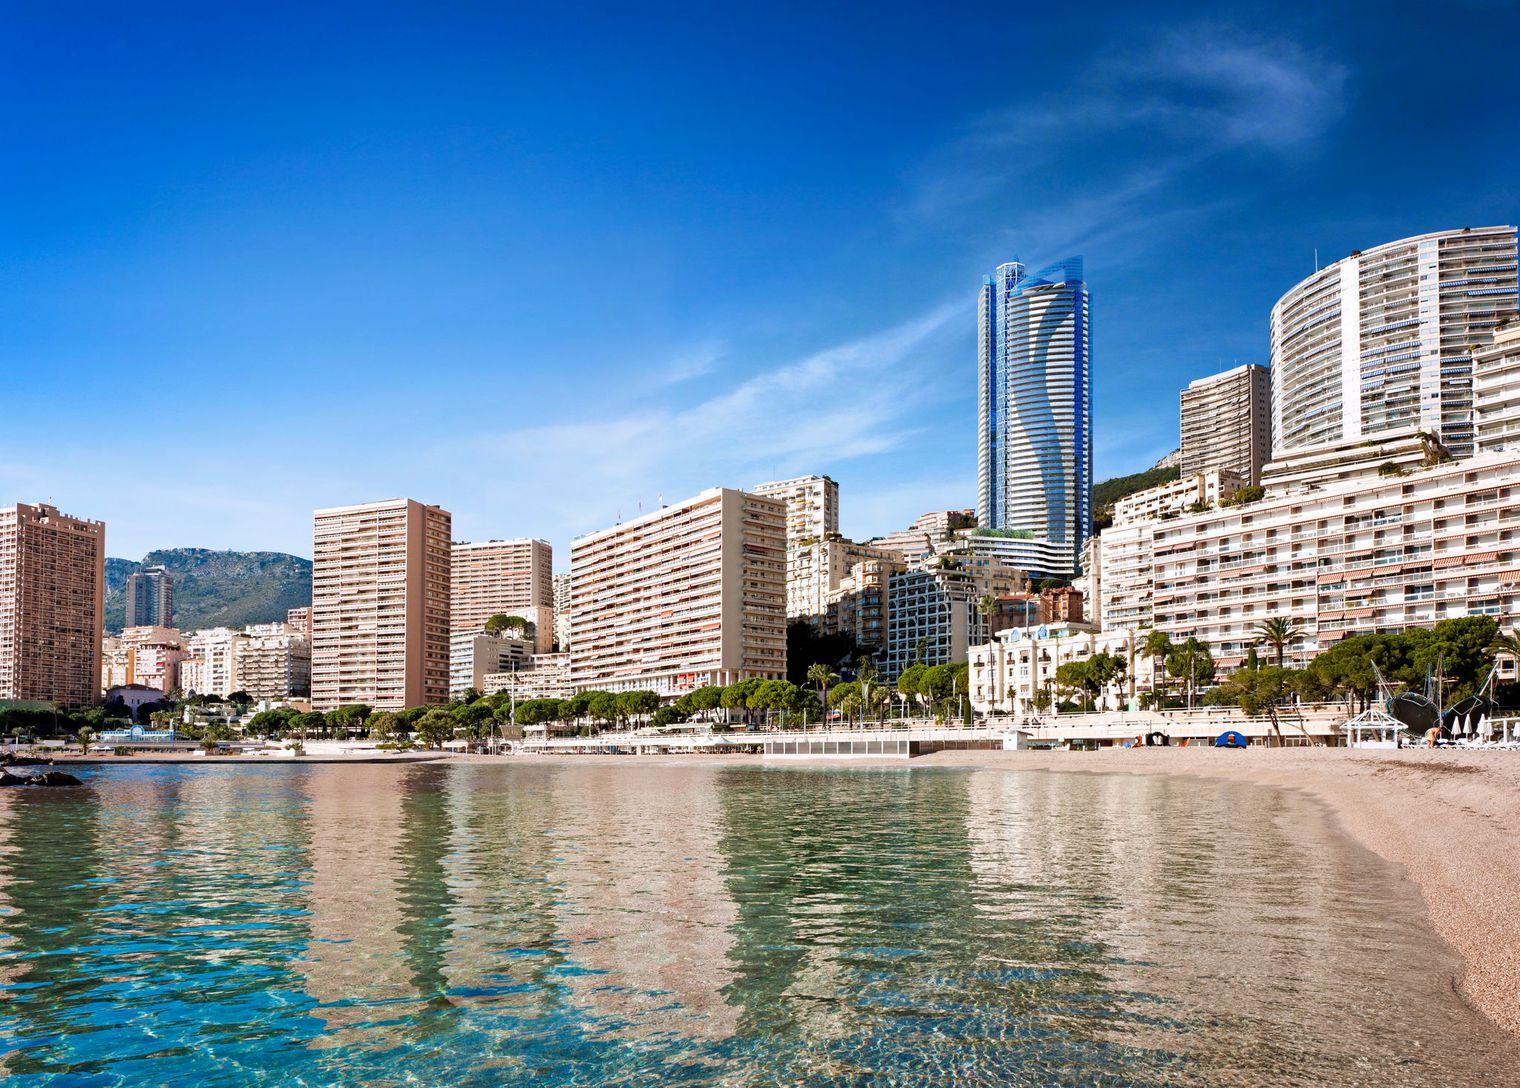 Tour Odéon view from beach, Monaco